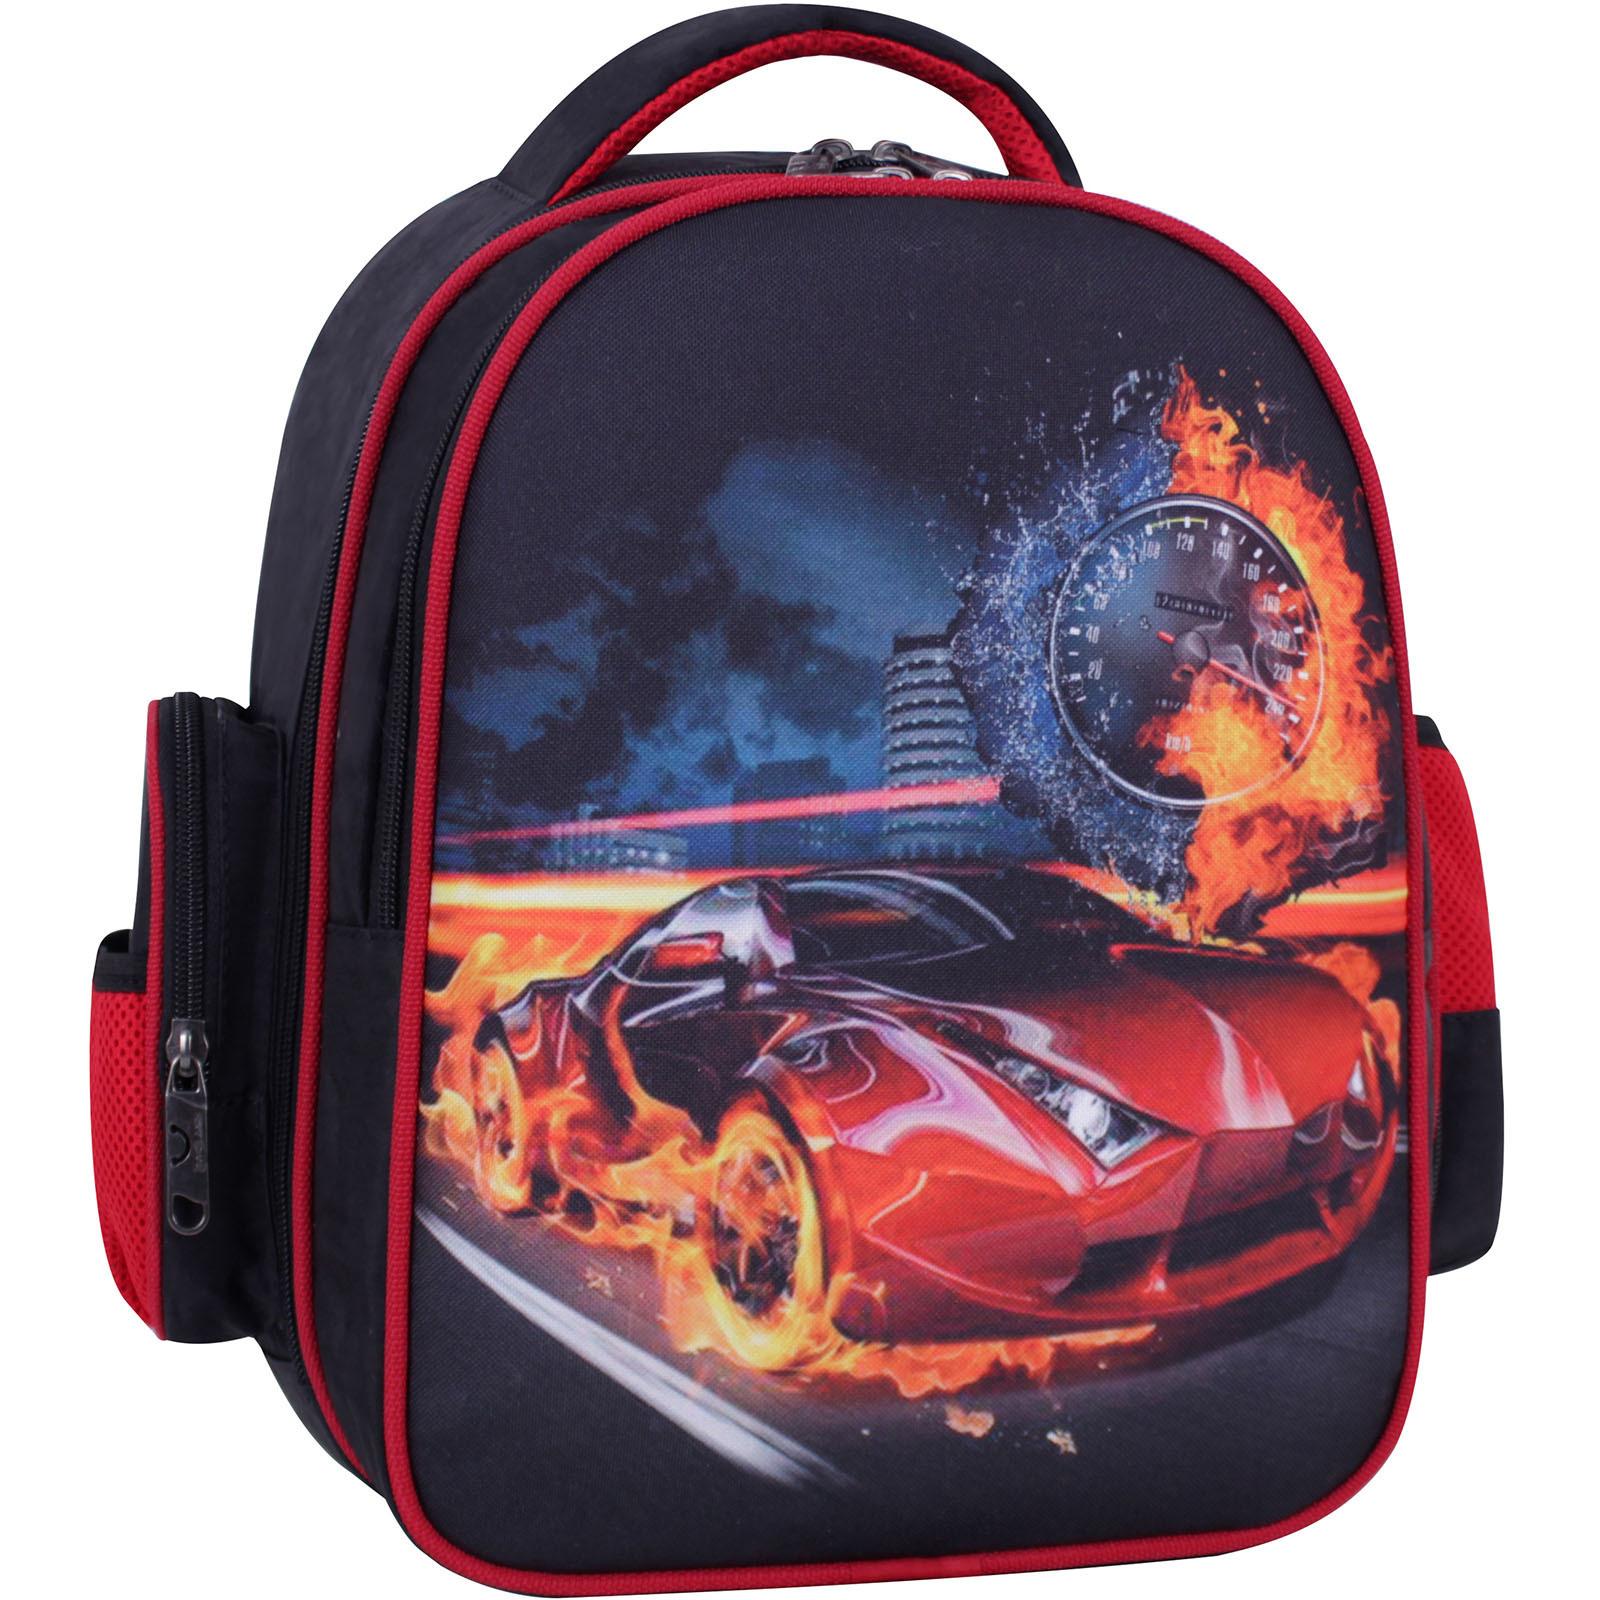 Детские рюкзаки Рюкзак Bagland Pupil 14 л. черный 57 М (0012570) IMG_8493_суб.57М_.JPG